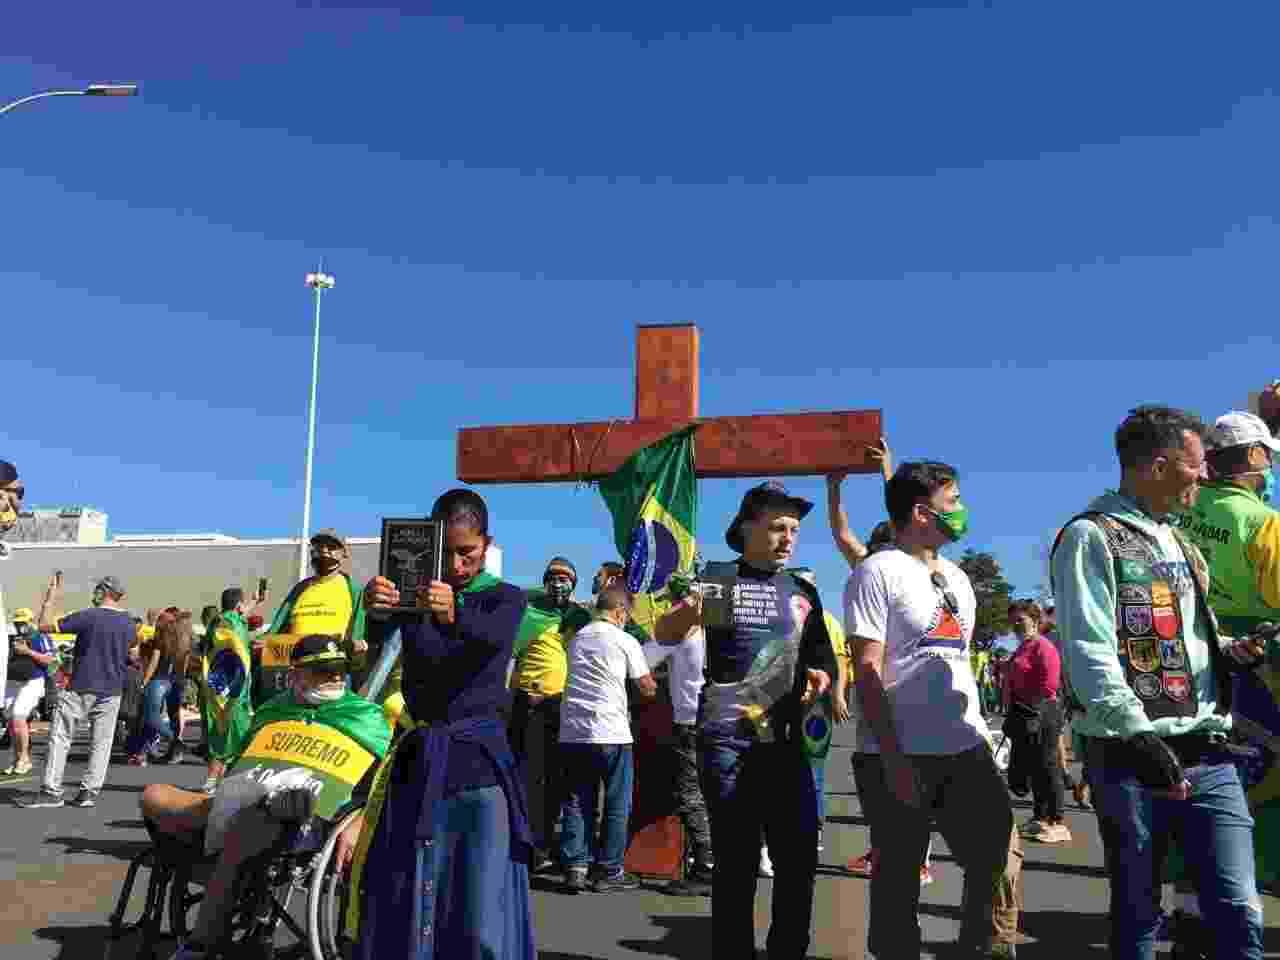 Apoiadores de Bolsonaro simulam uma via crúcias em apoio ao governo durante protesto - Hanrrikson Andrade/UOL